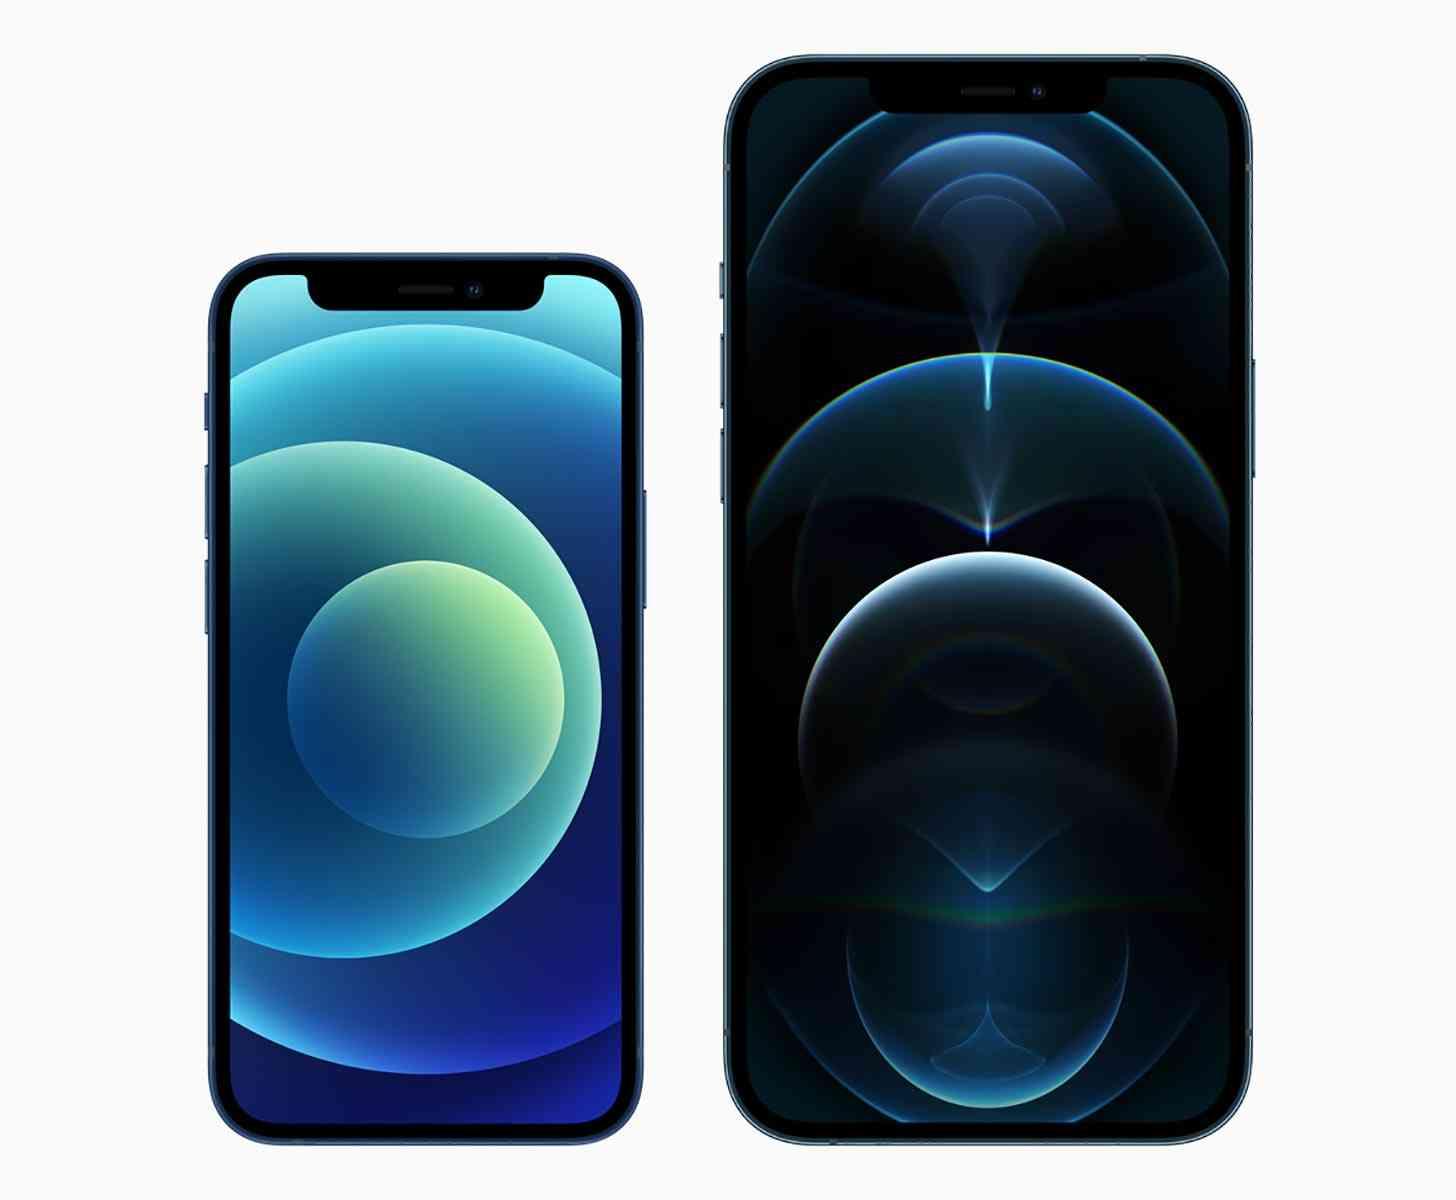 iPhone 12 mini, iPhone 12 Pro Max